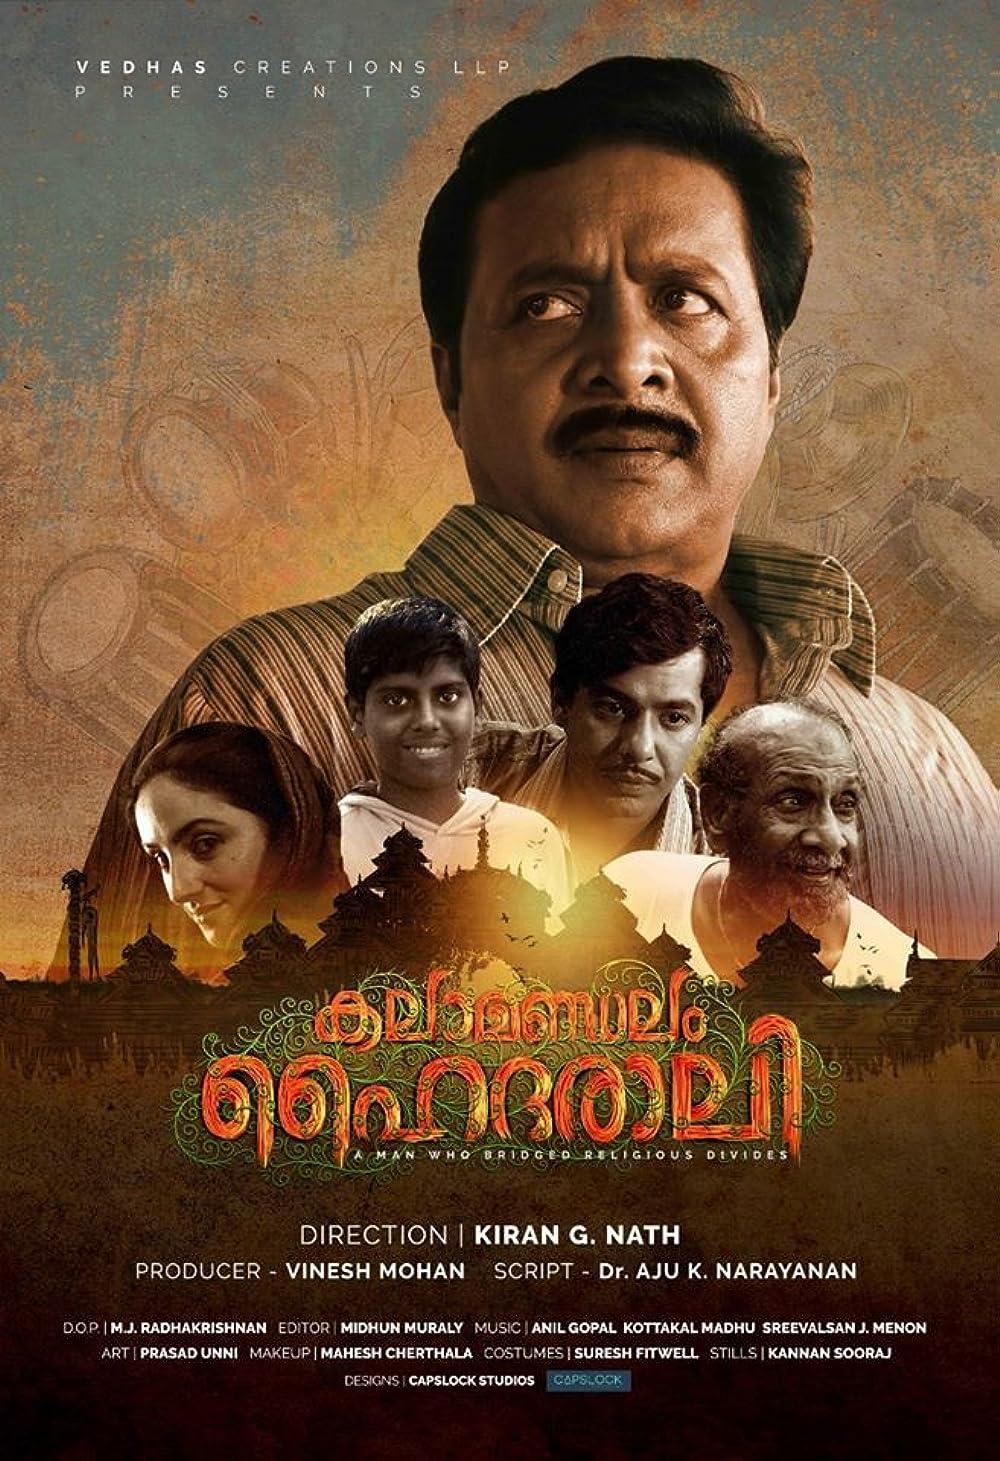 Kalamandalam Hyderali (2021) Full Movie Download